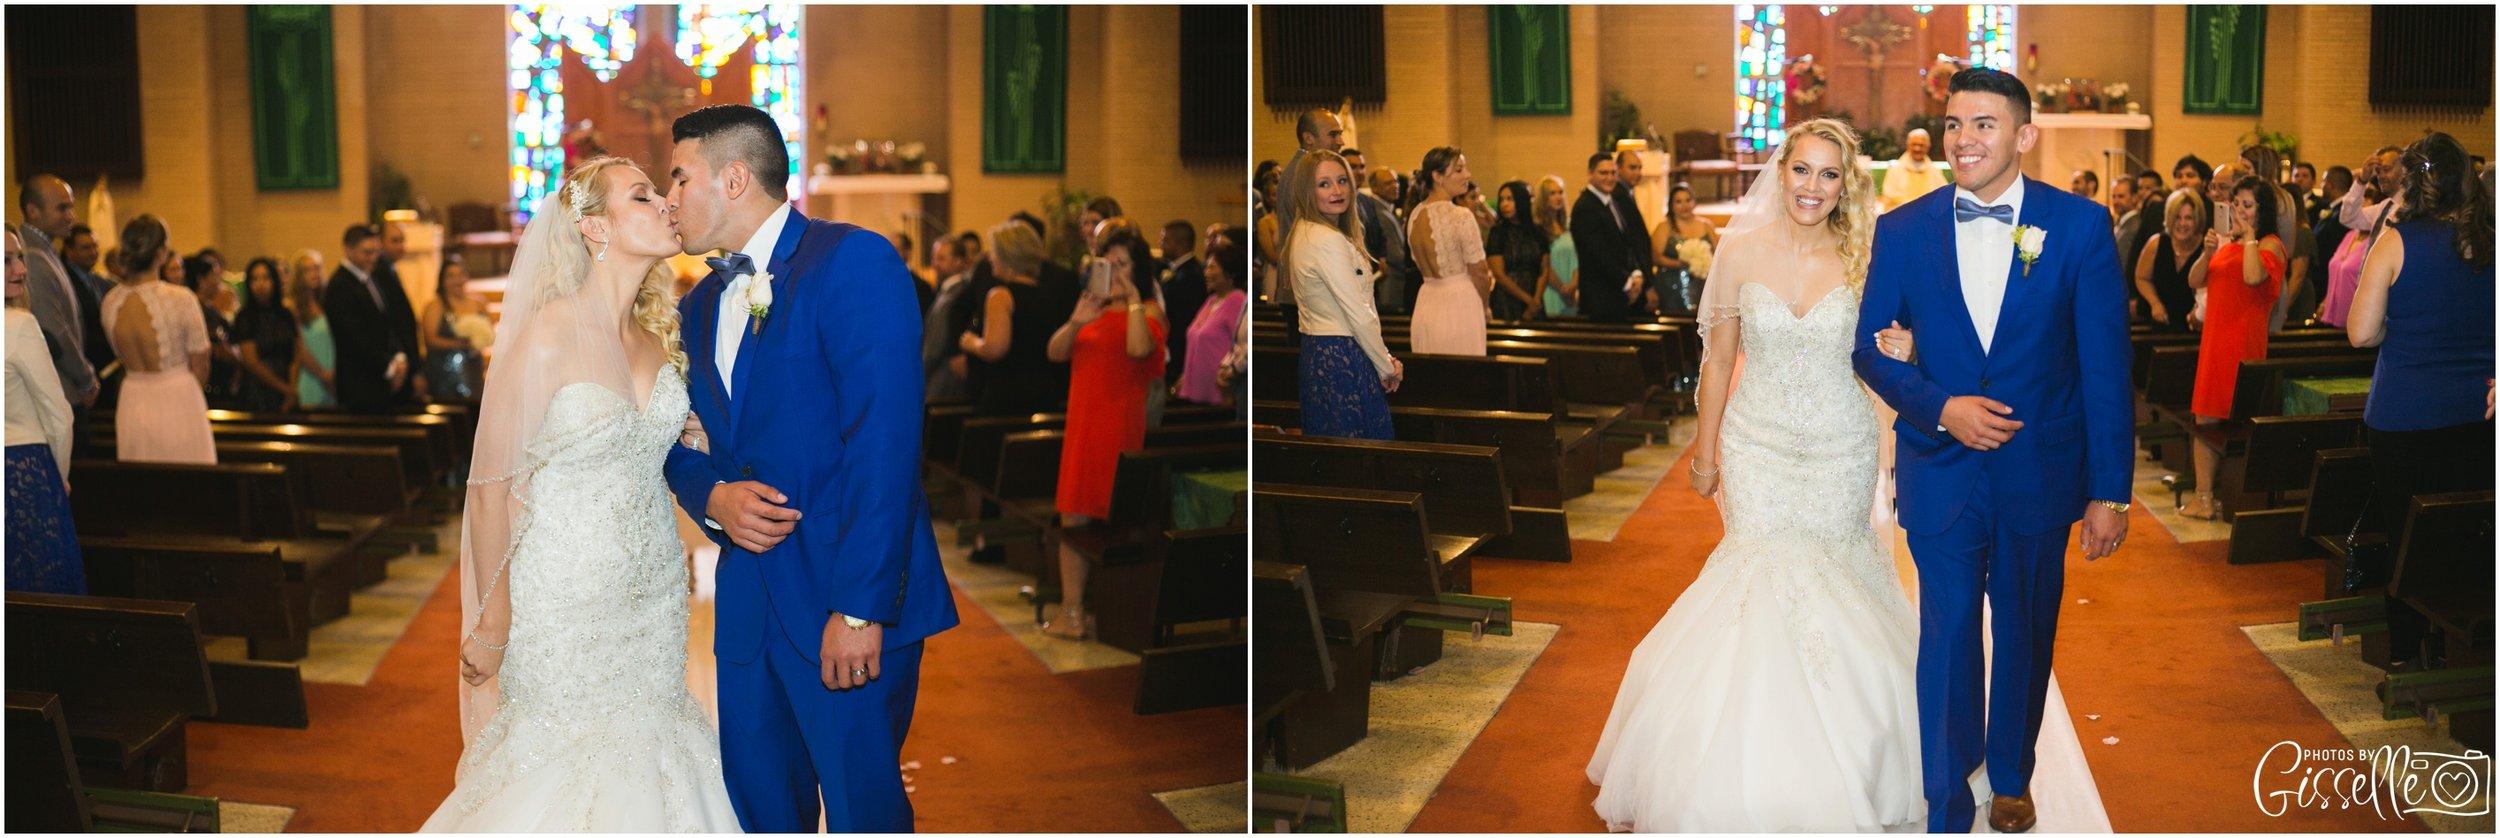 Astoria Banquets Wedding005.jpg